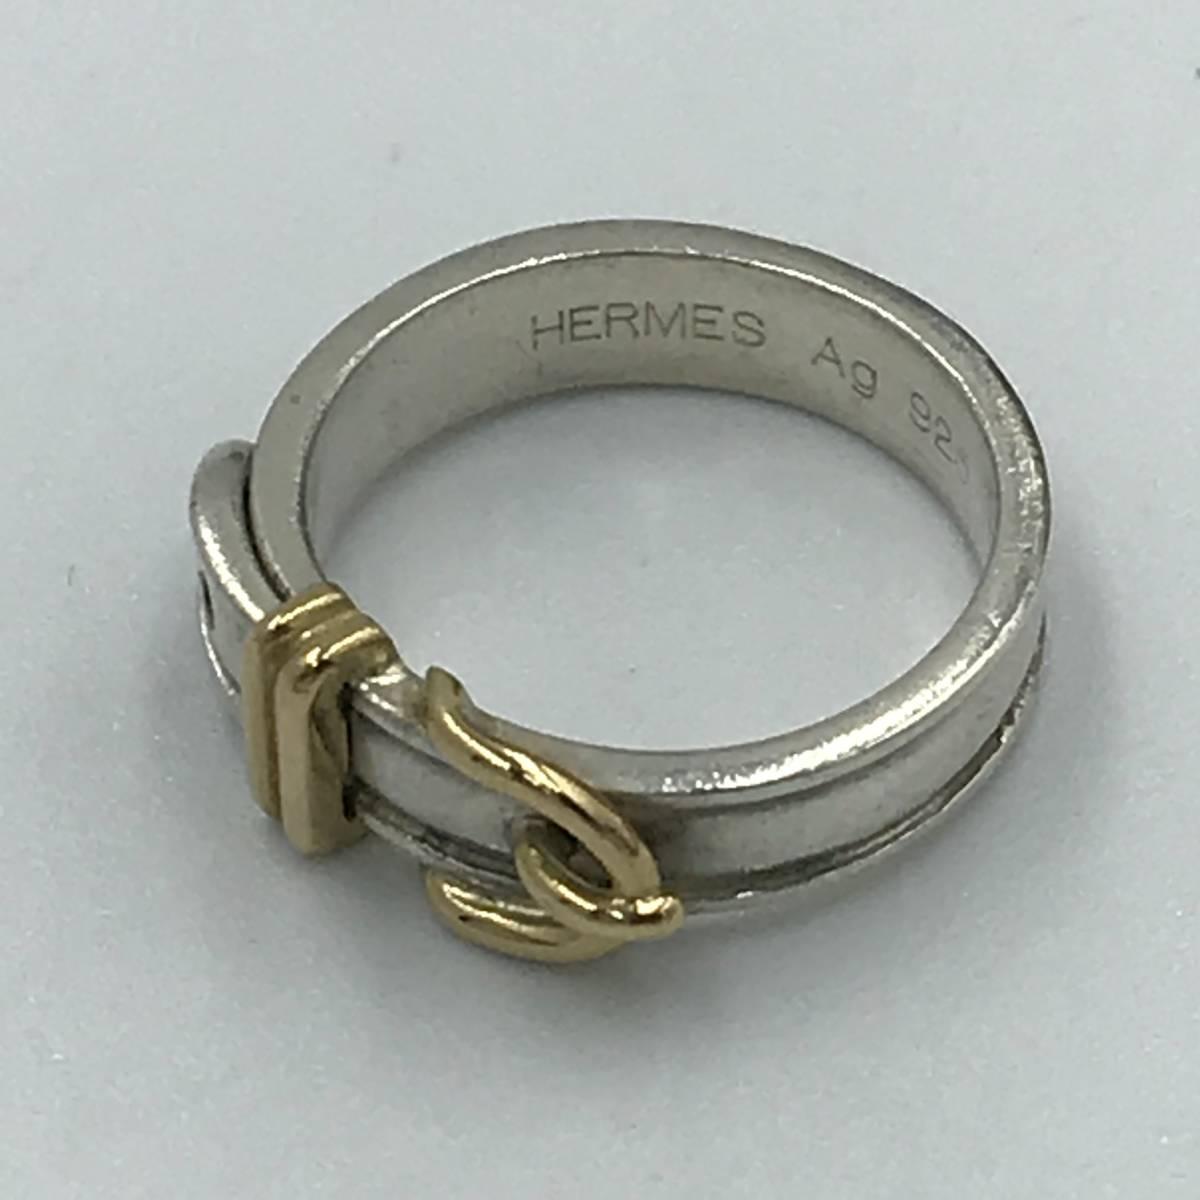 【 1円スタート 】HERMES エルメス ベルトモチーフ リング 指輪 SV925 AU750 ( K18 ) 52 サイズ # 12_画像4